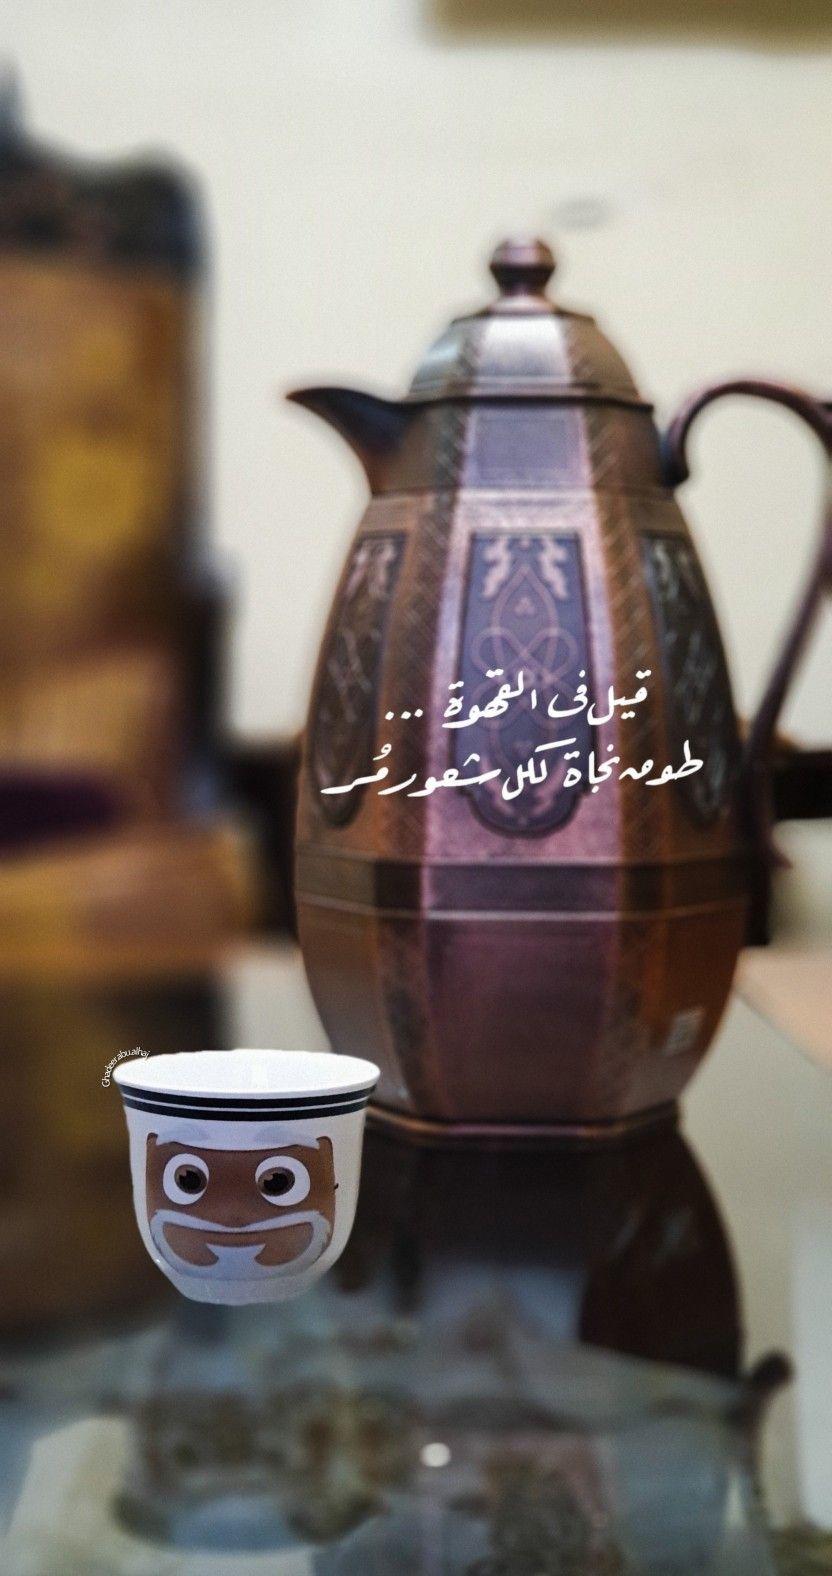 قيل في القهوة طوق نجاة لكل شعور م ر Tin Candles Coffee Coffee Maker